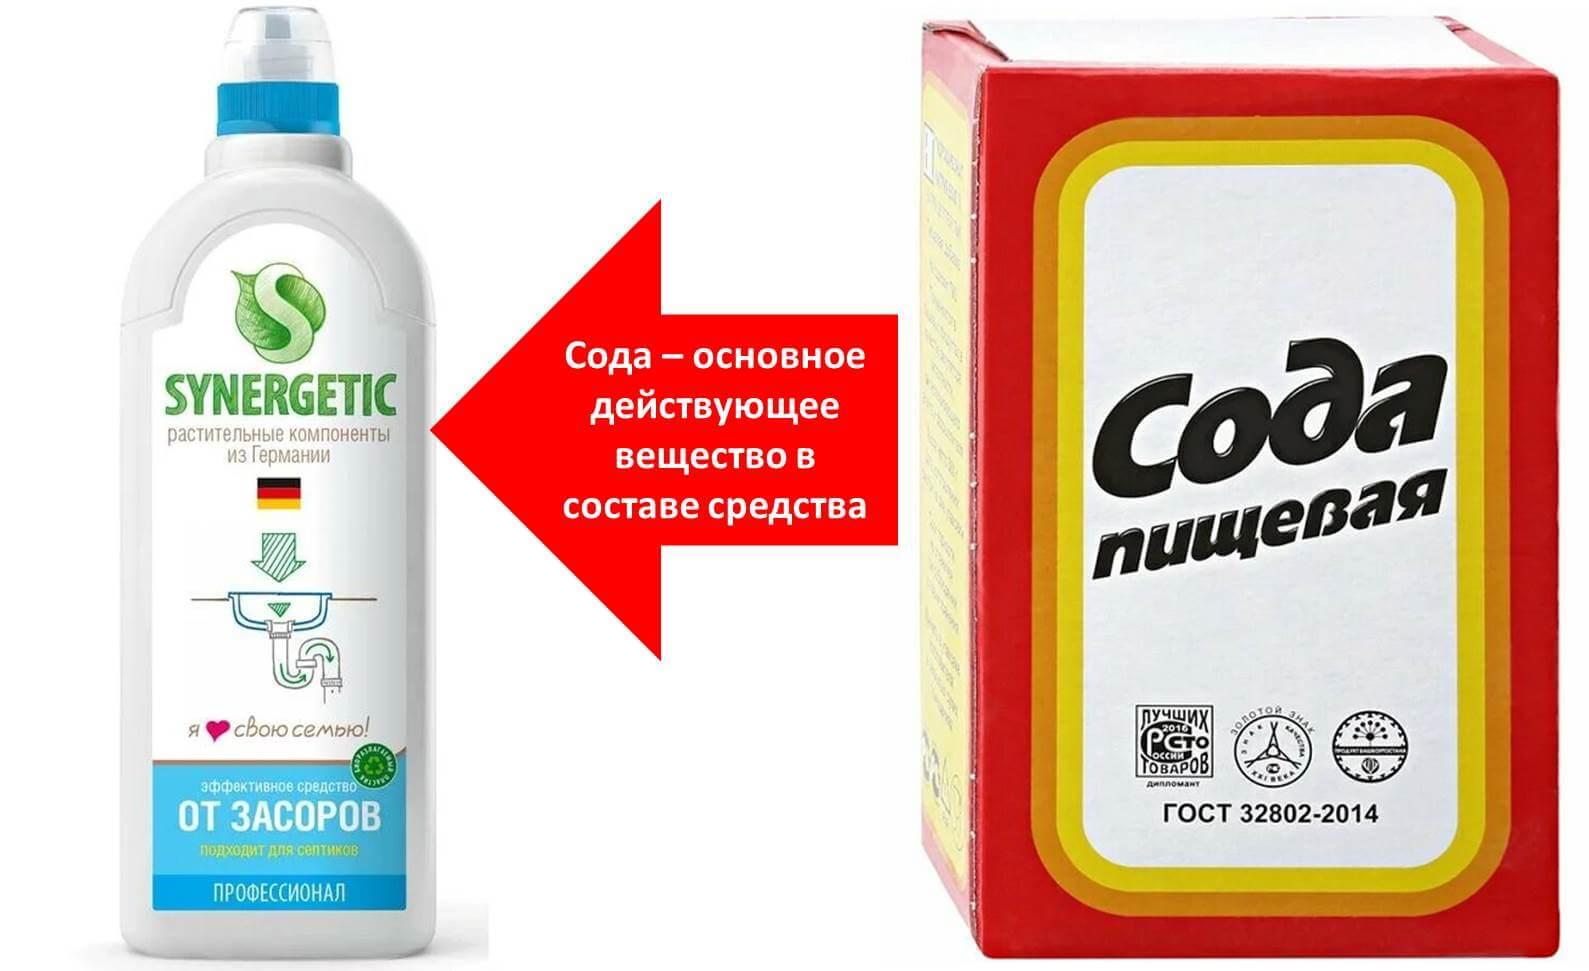 Эффективное средство для прочистки засора в канализации, ингредиенты которого есть на каждой кухне